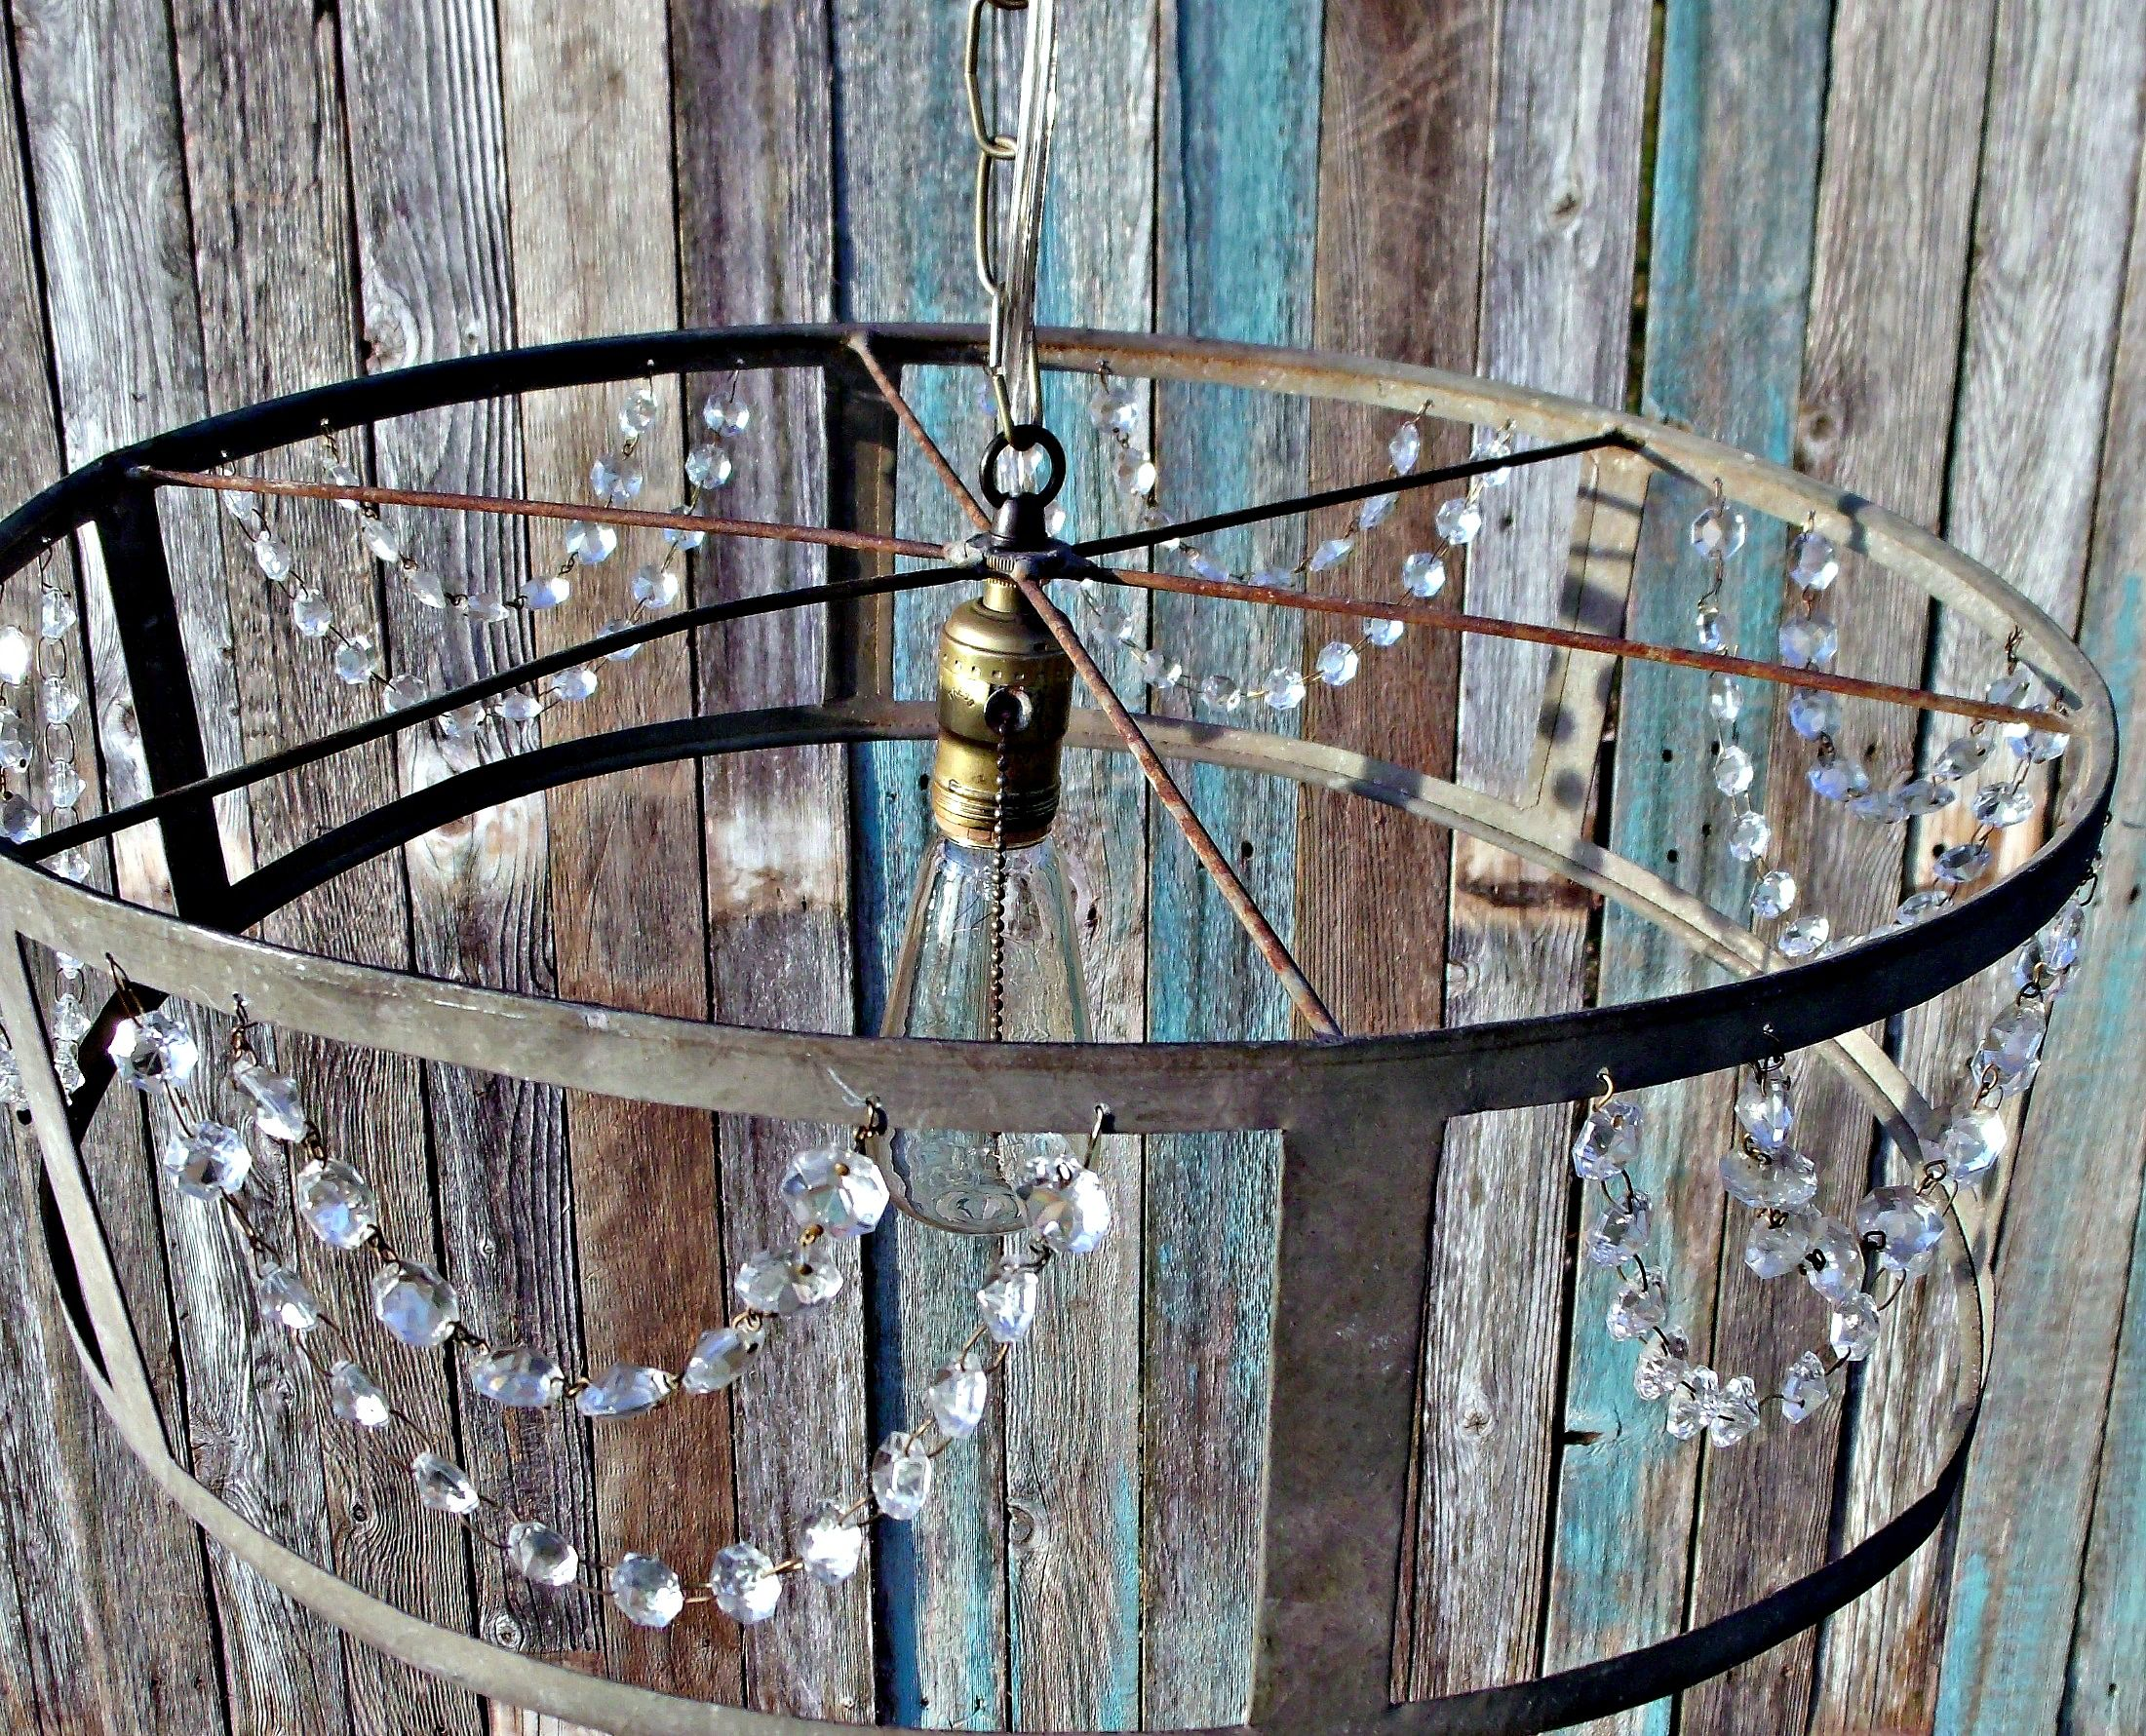 Metal Quot Drum Quot Repurposed Lighting Fixture With Antique